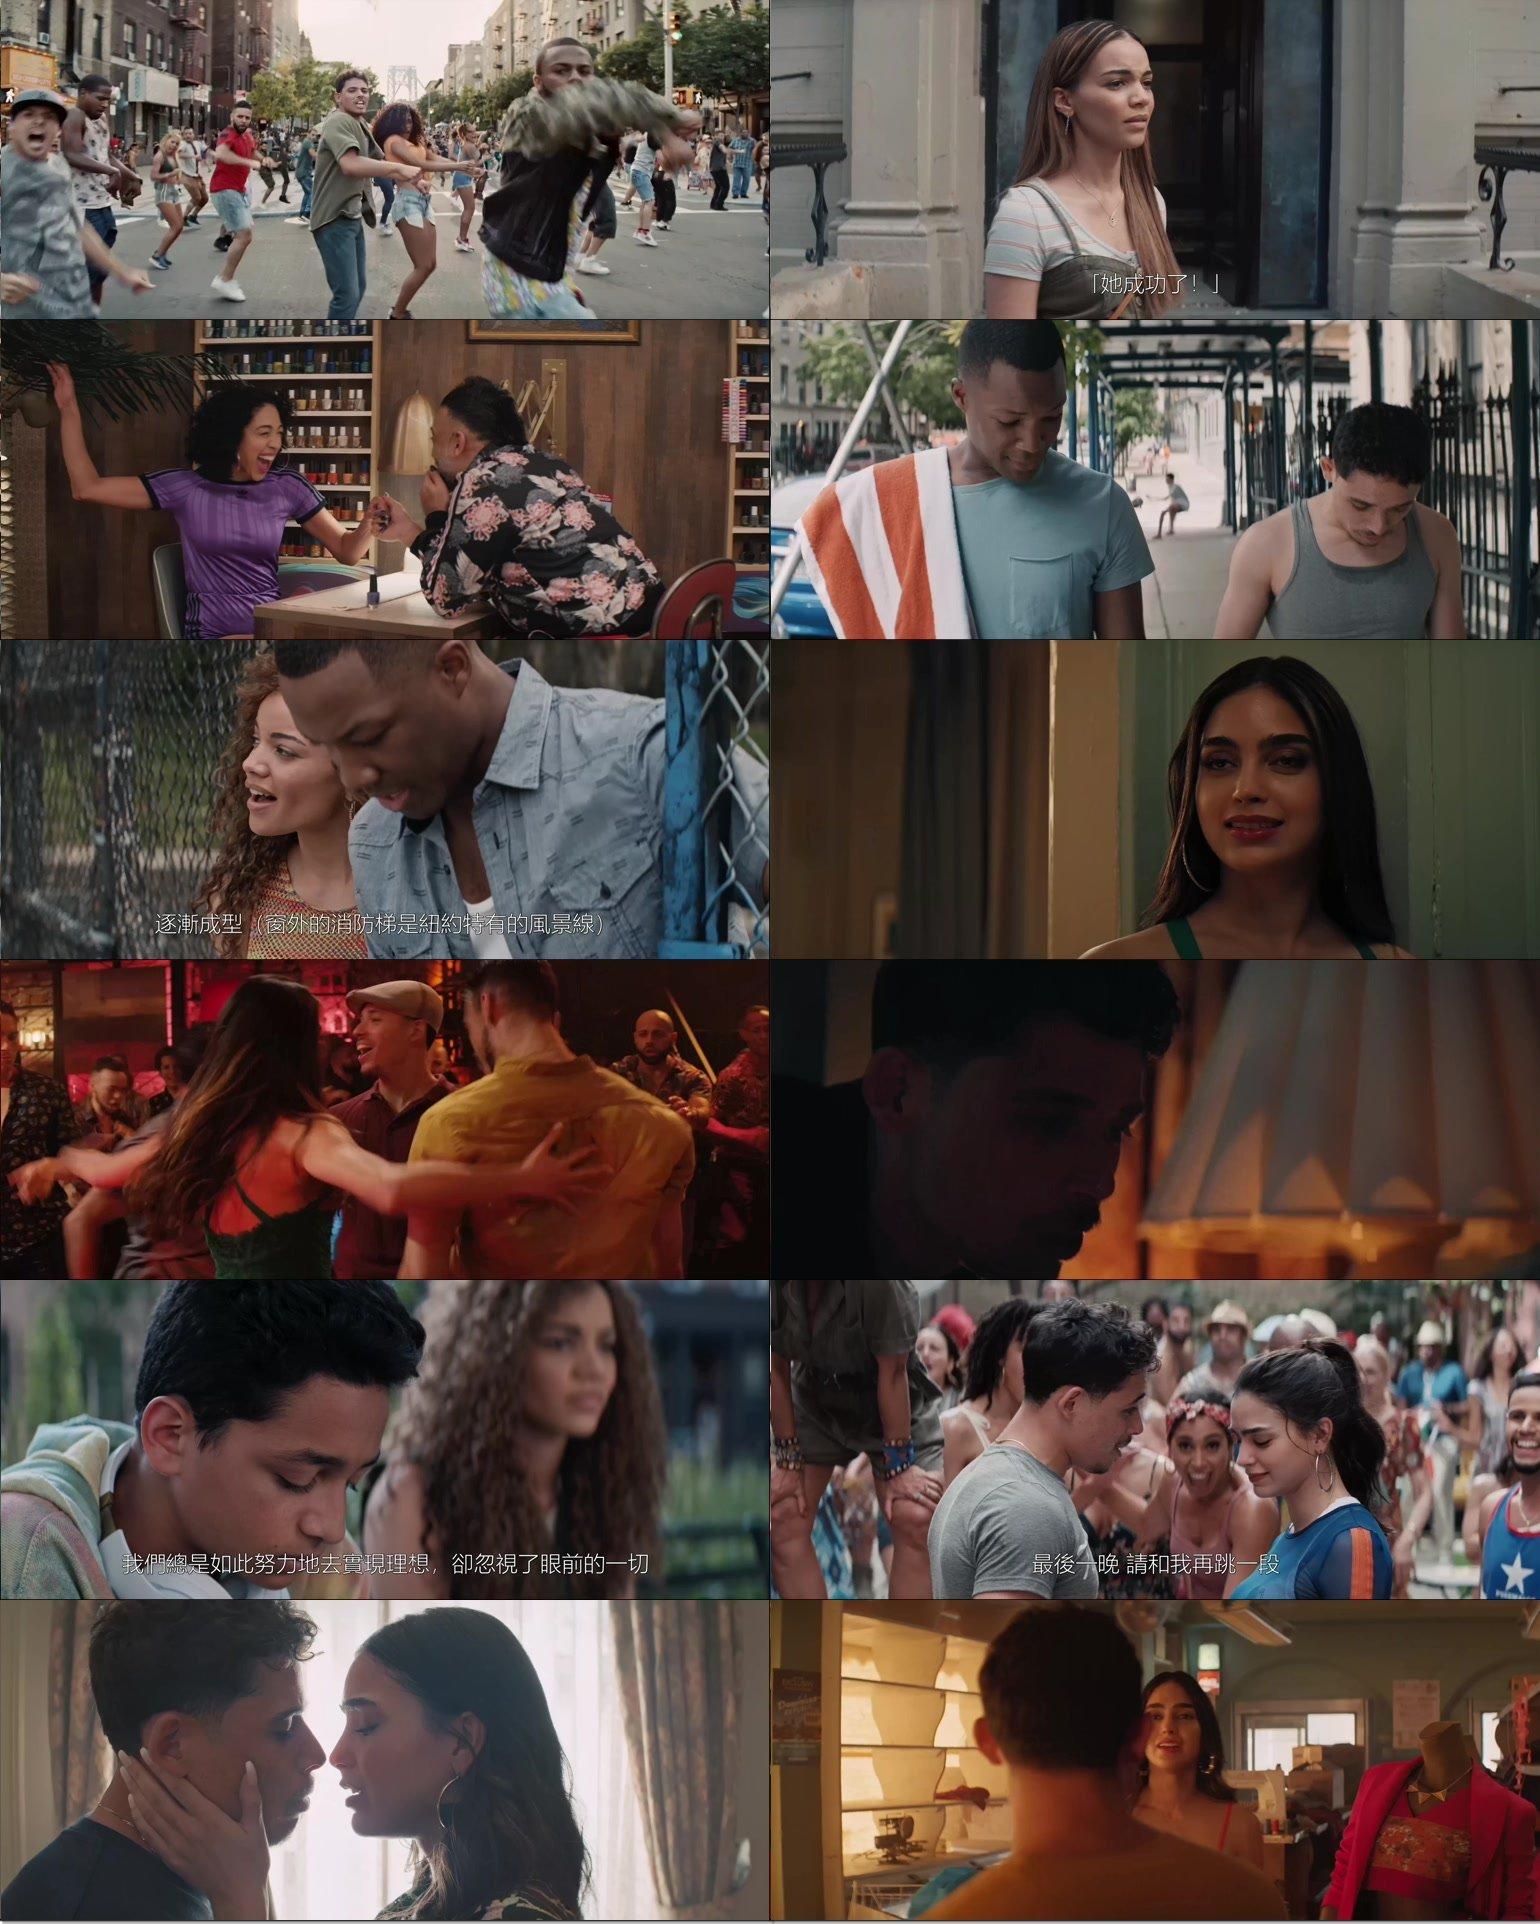 [x3]紐約高地|美國:壹部電影|灰姑娘的故事:明星之戀.1080p[繁簡英]